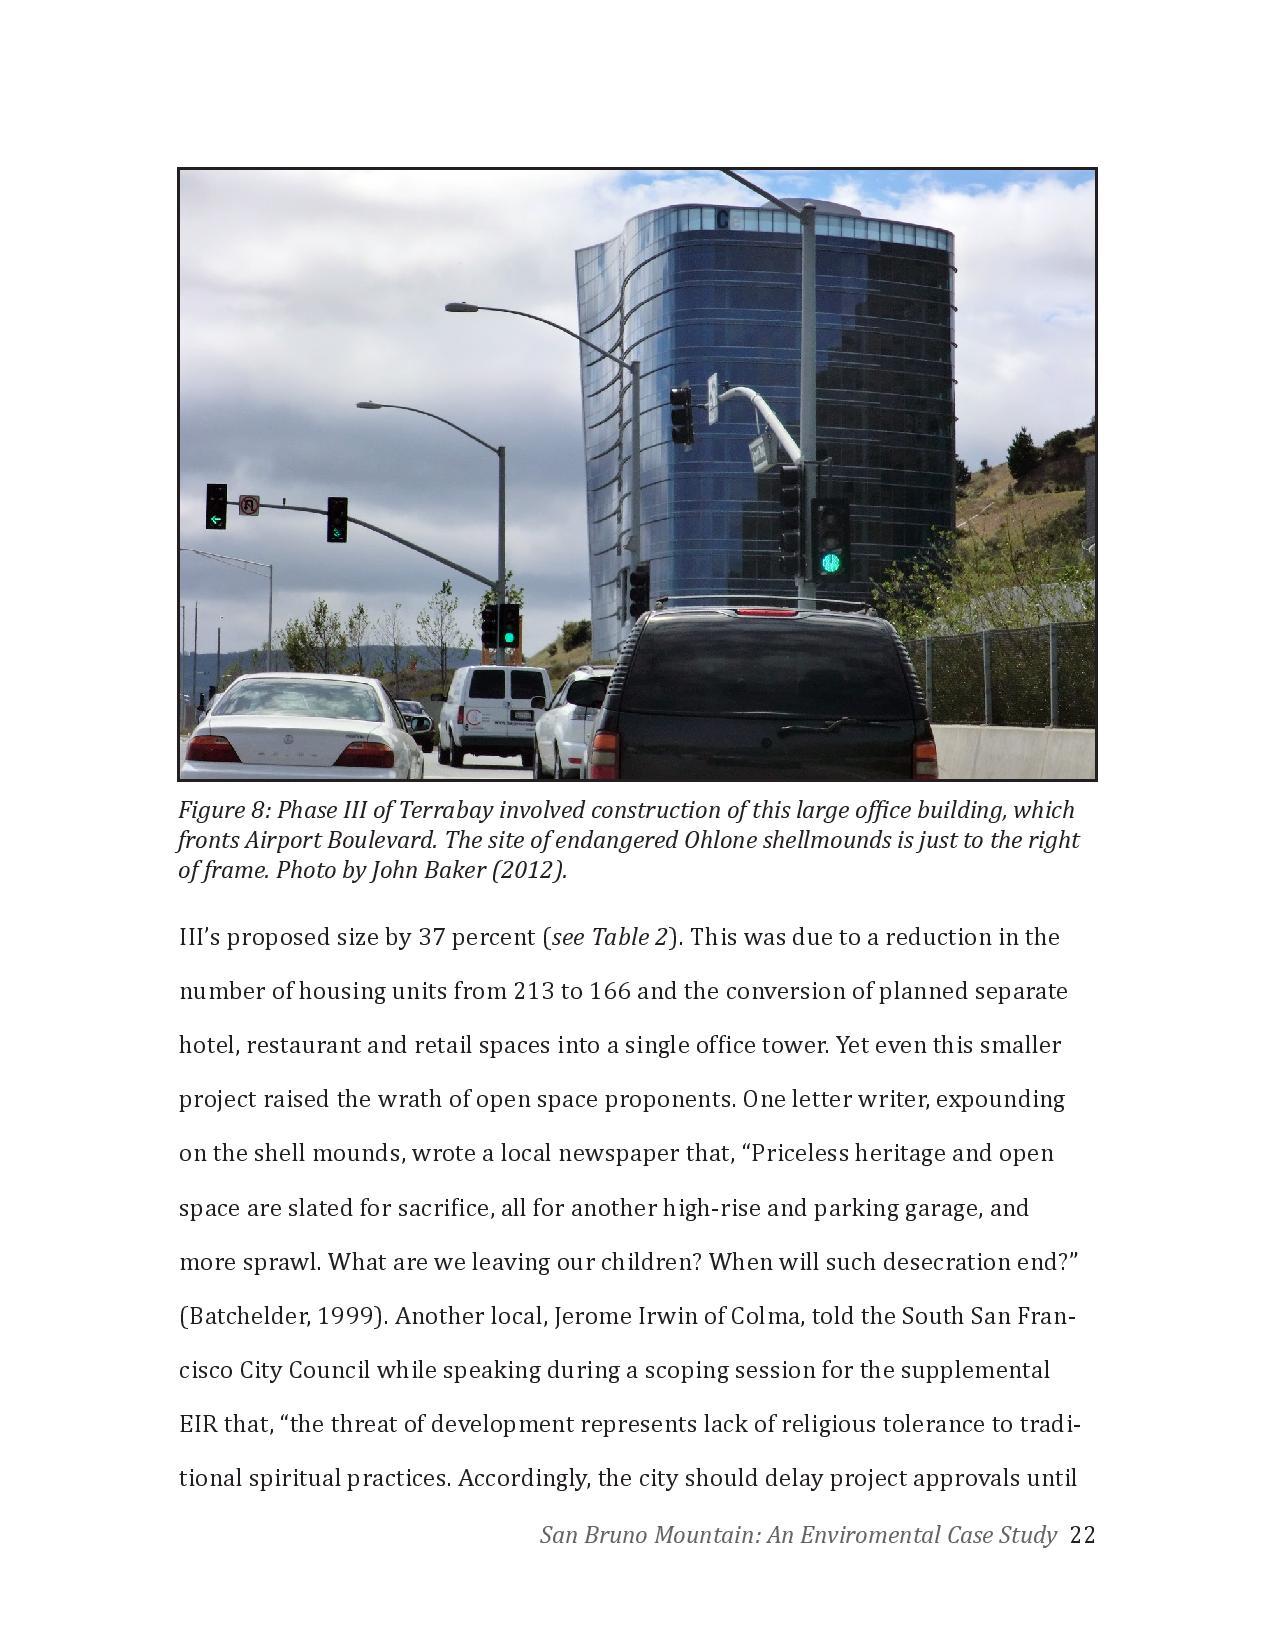 SBM An Environmental Case Study J Baker-page-022